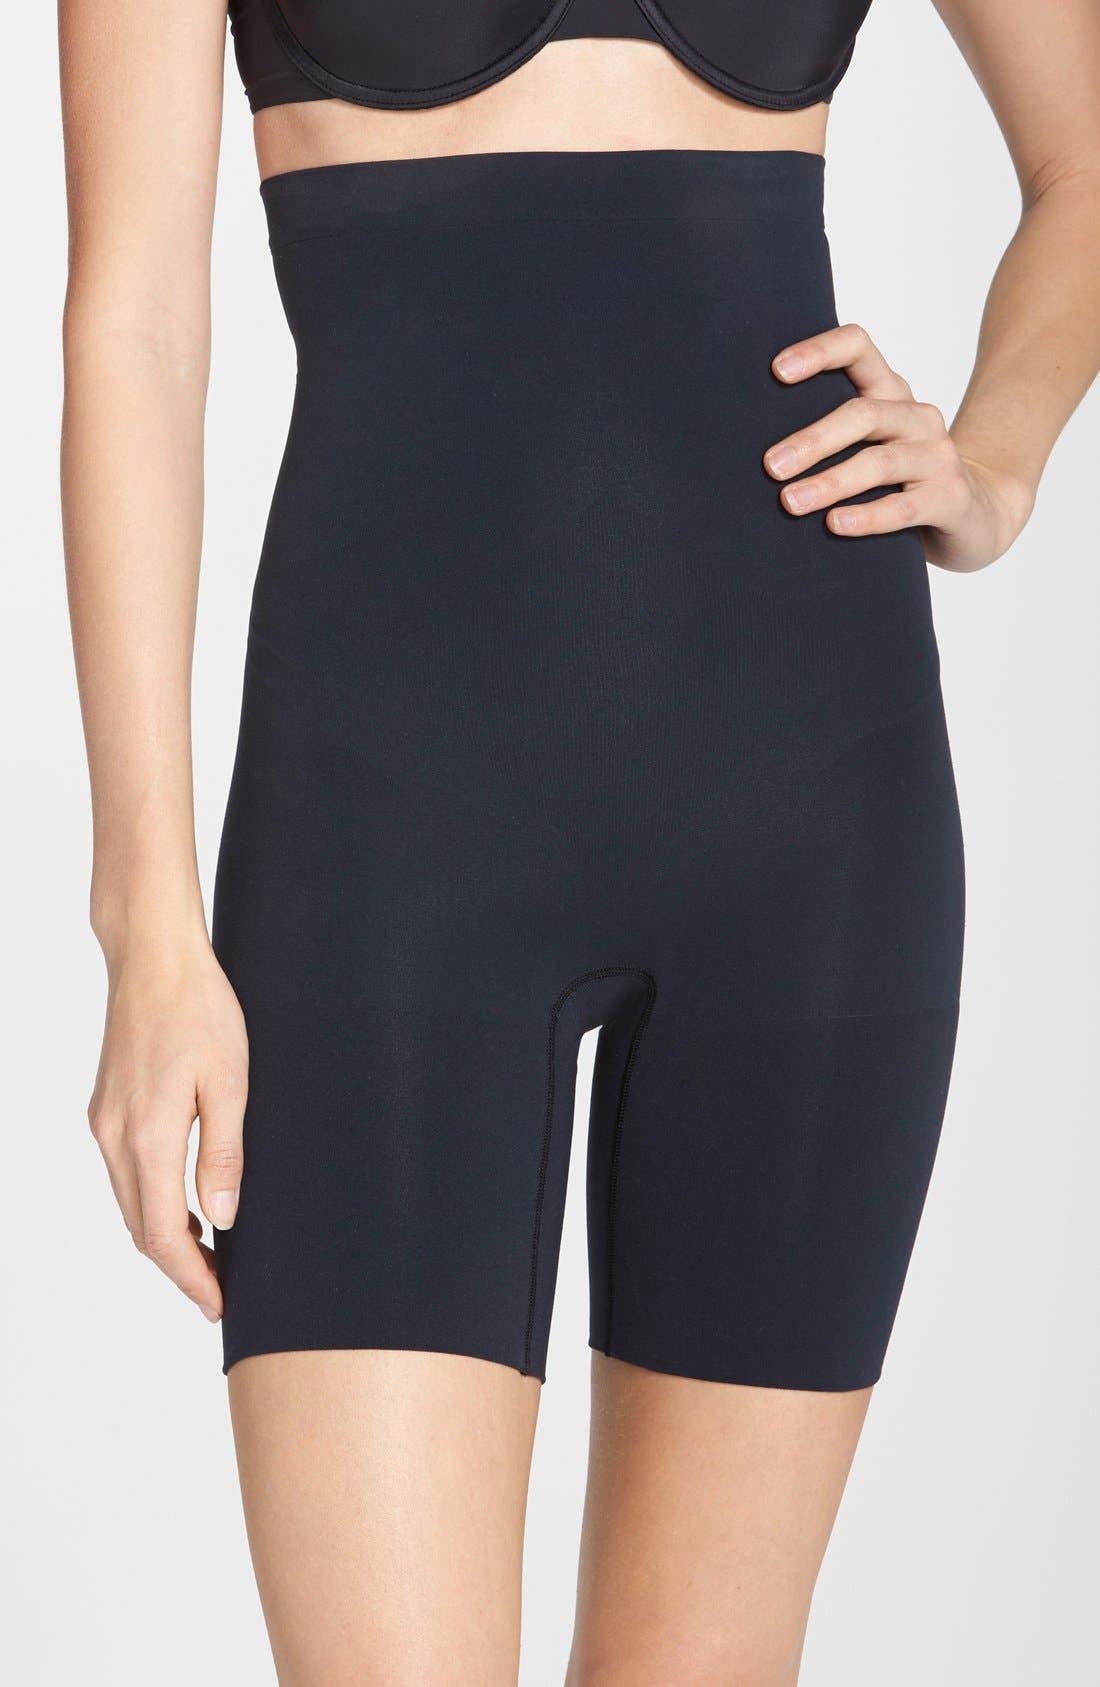 Women's Shapers Body Nordstrom amp; Shapewear qqnTwgBa